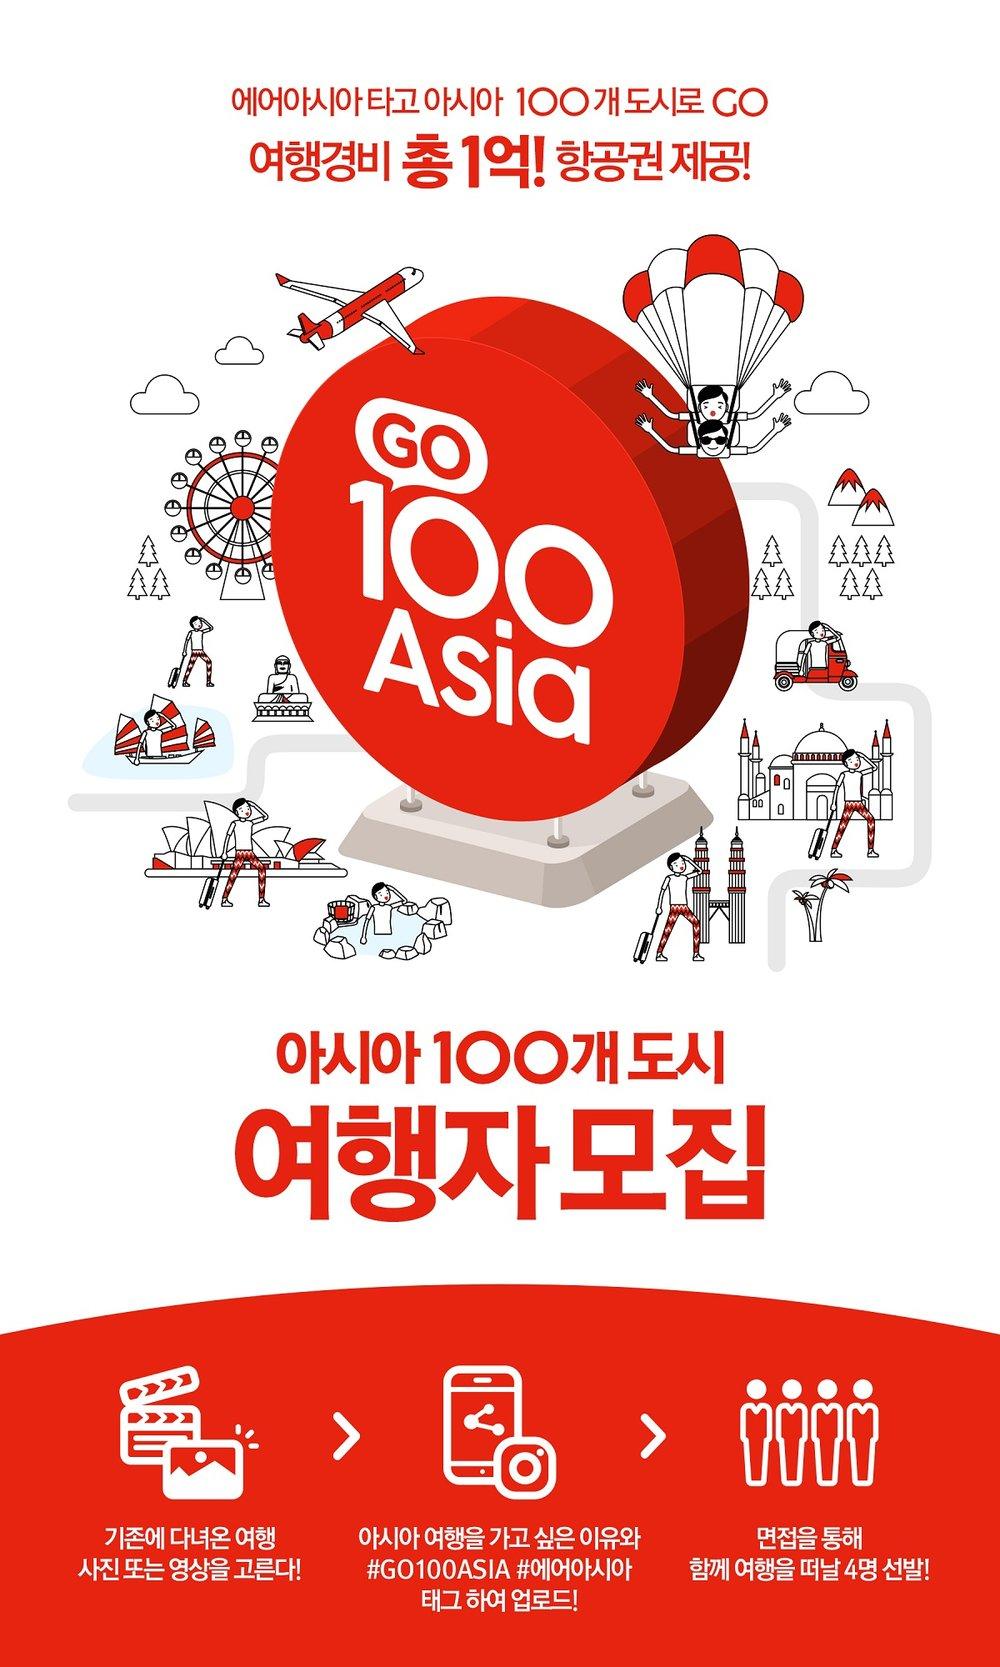 [이미지] 에어아시아, 아시아 100개 도시 여행할 행운의 주인공 뽑는다.jpg